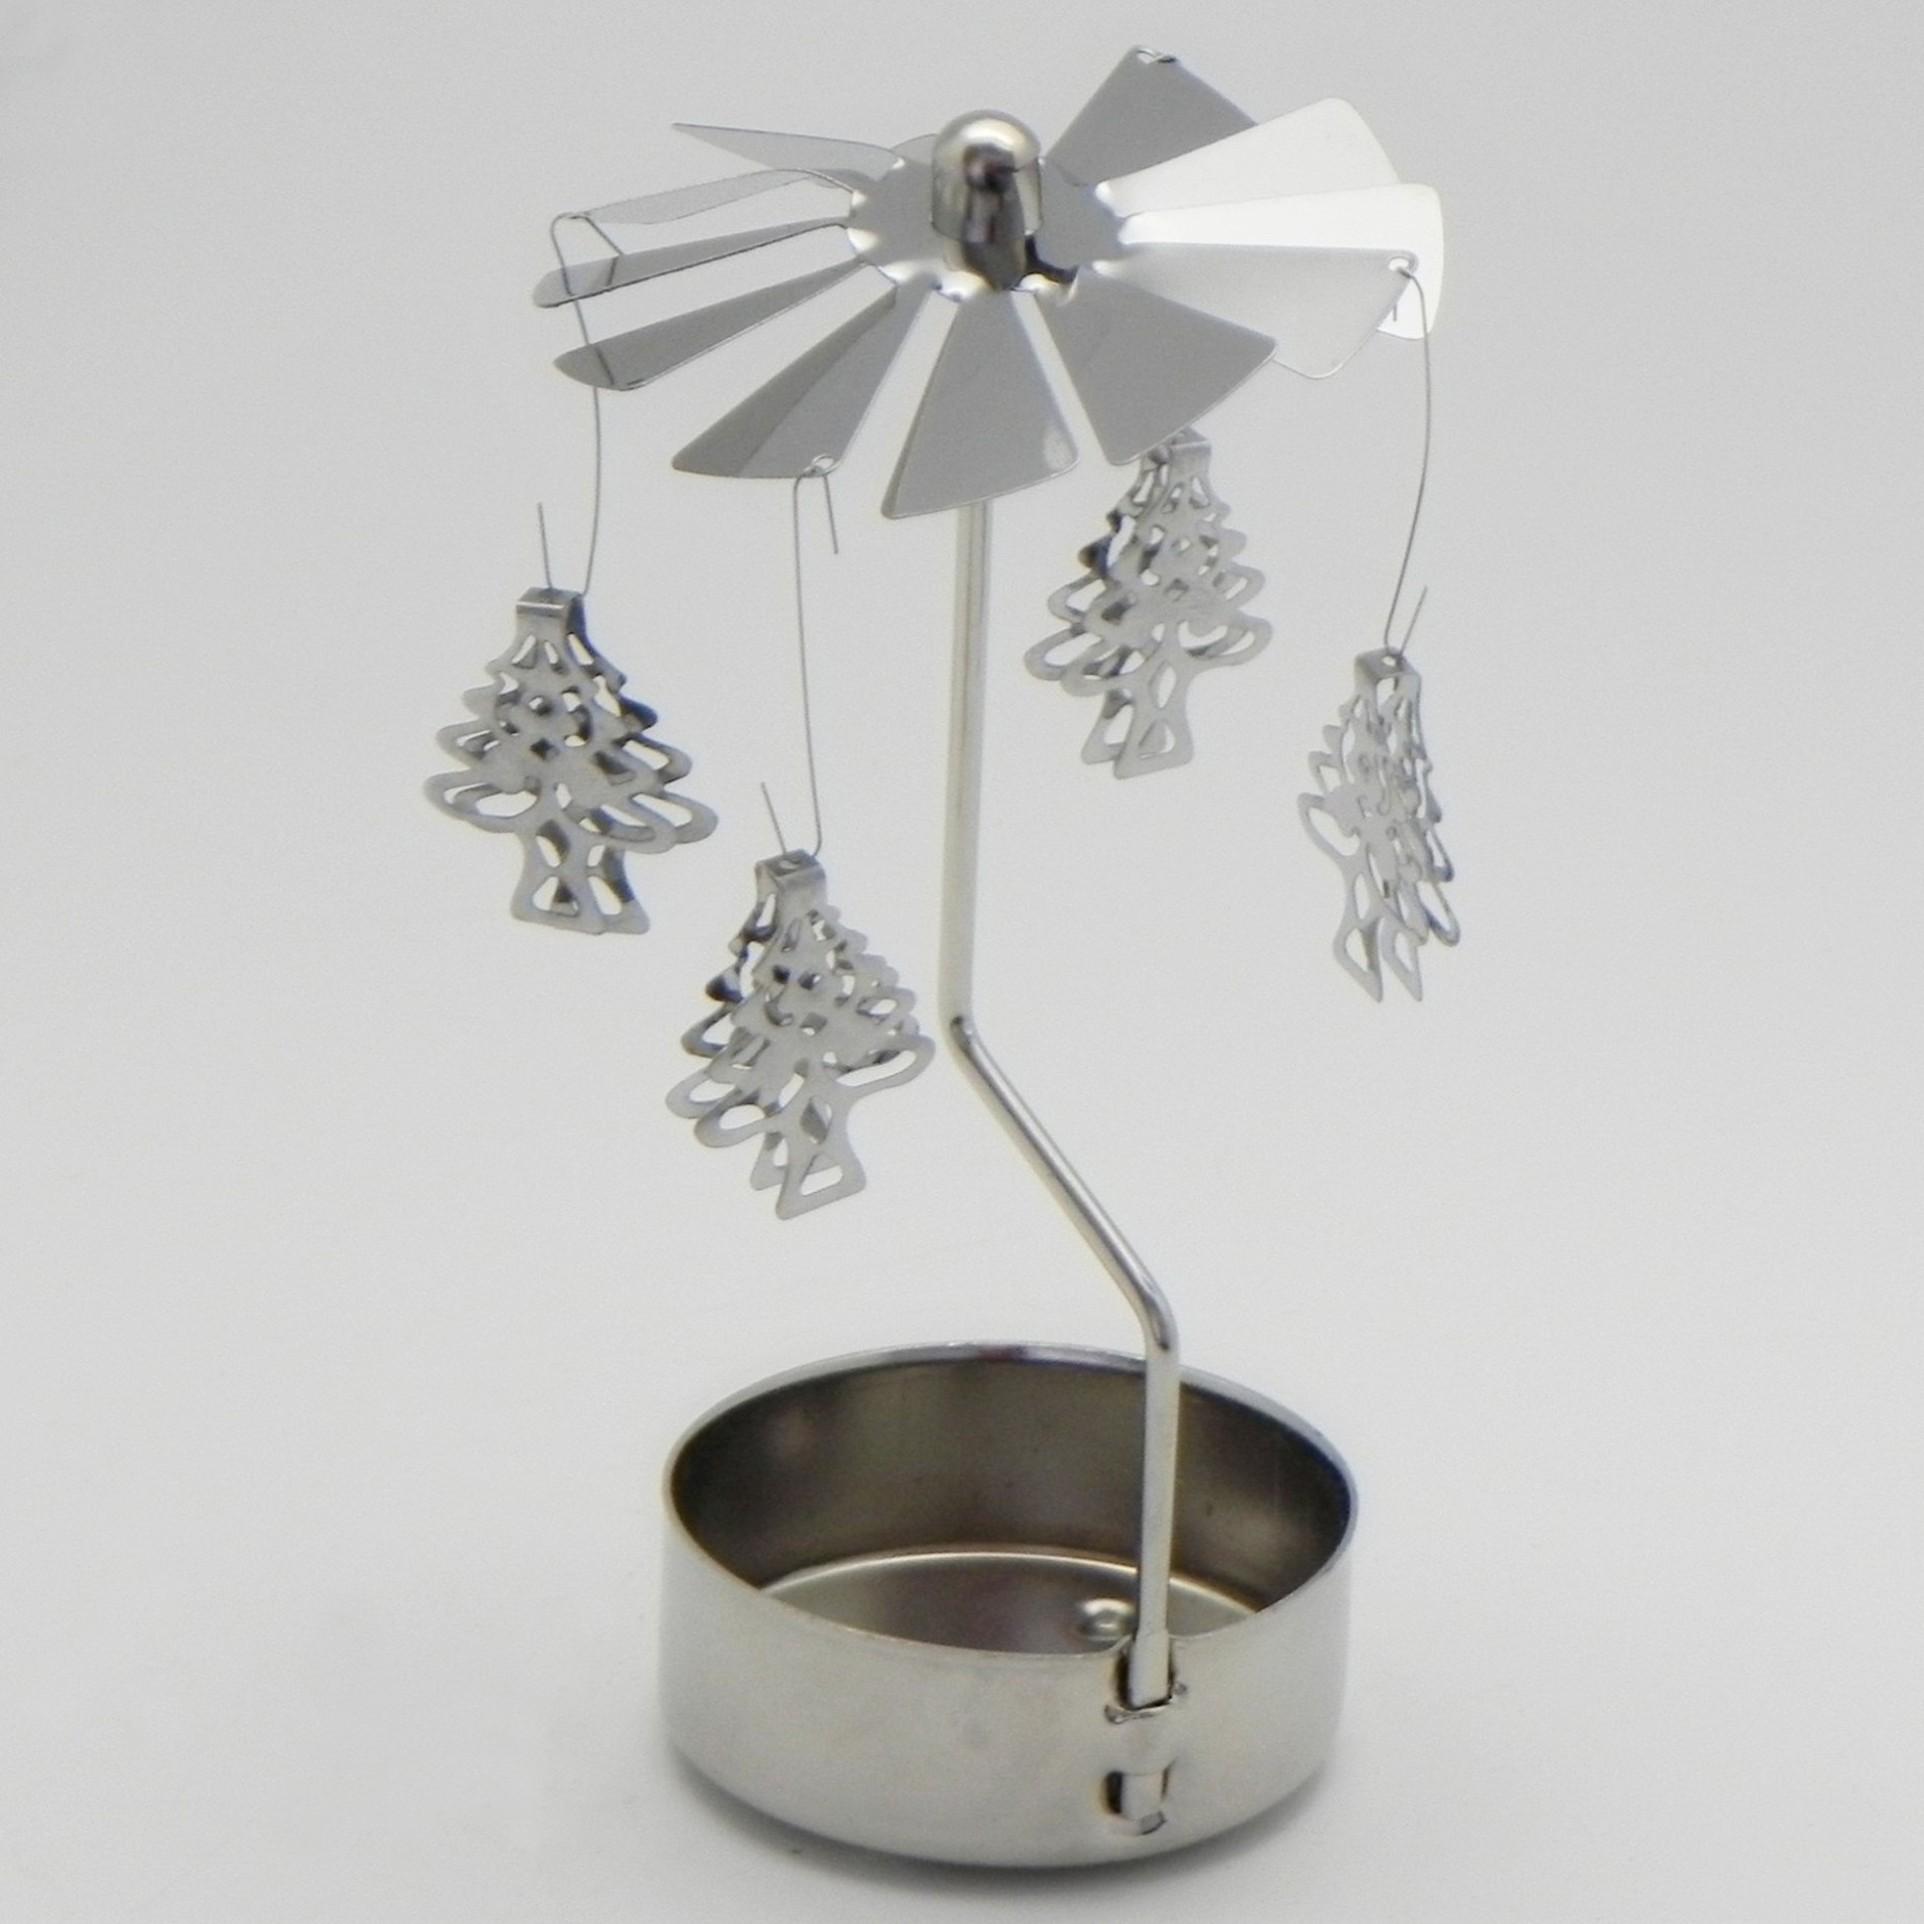 Andělské zvonění stromeček kov pr.6,5V13,8cm stříbrná